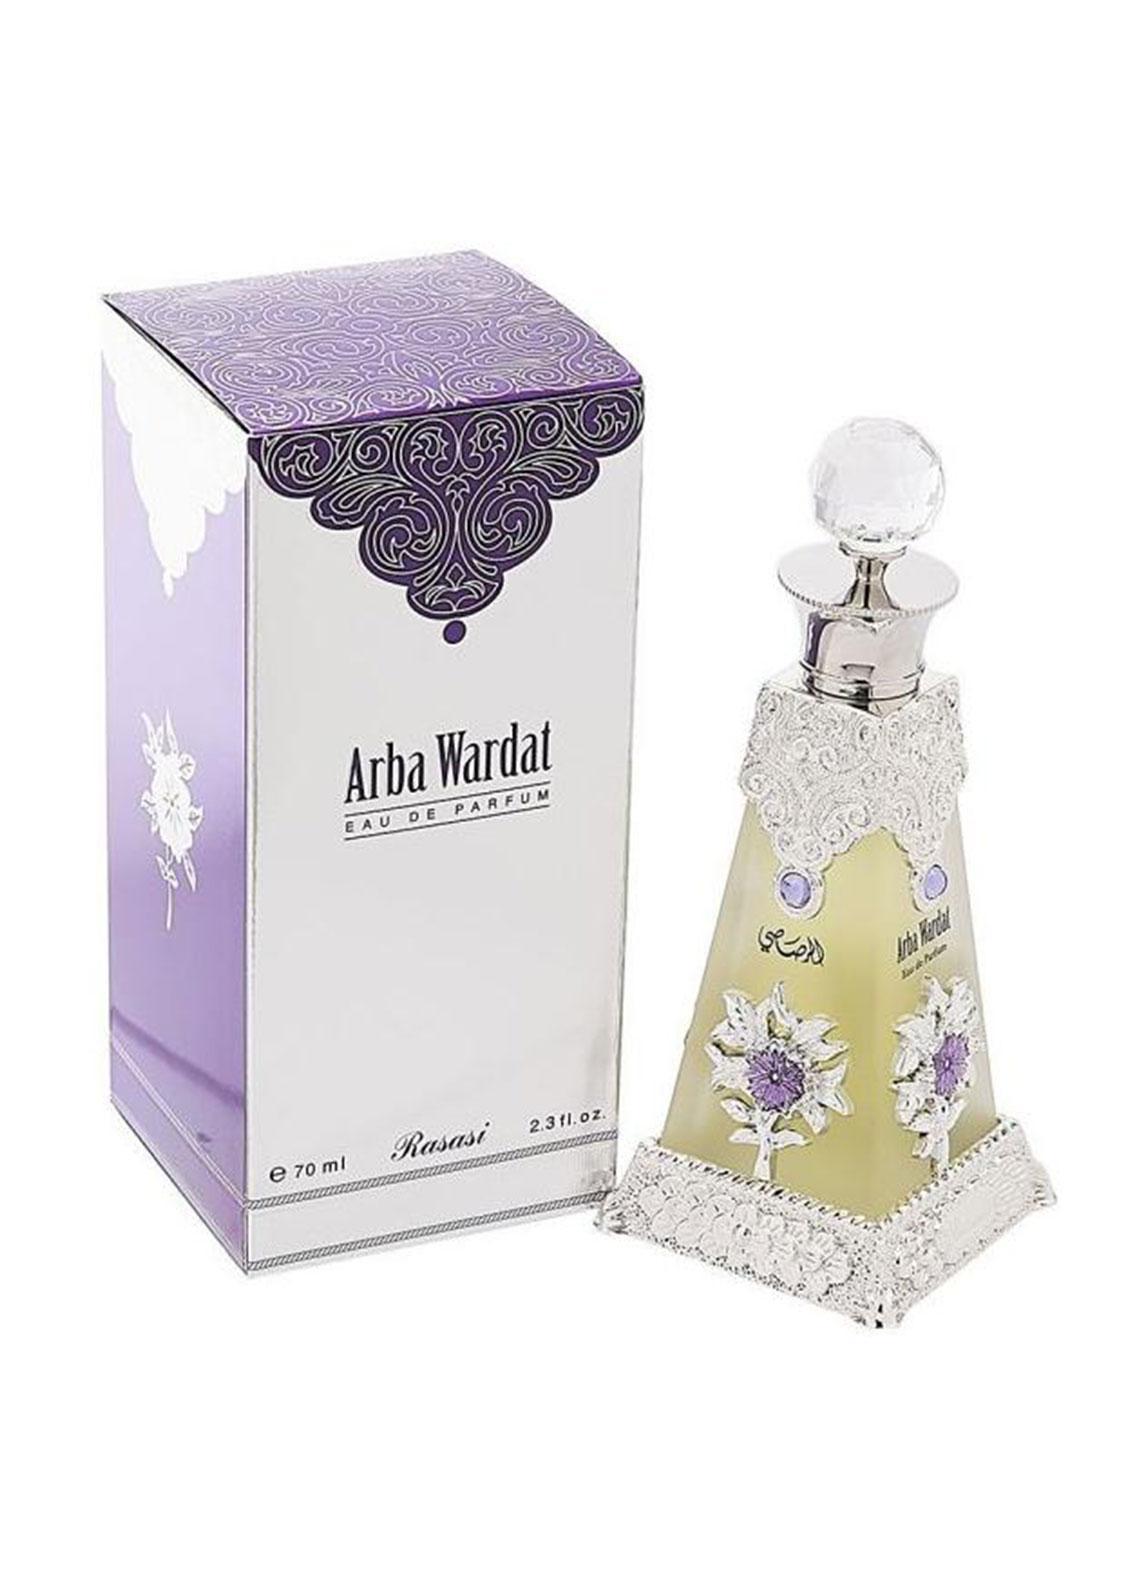 Rasasi Rasasi Arba Wardat men's perfume EDP